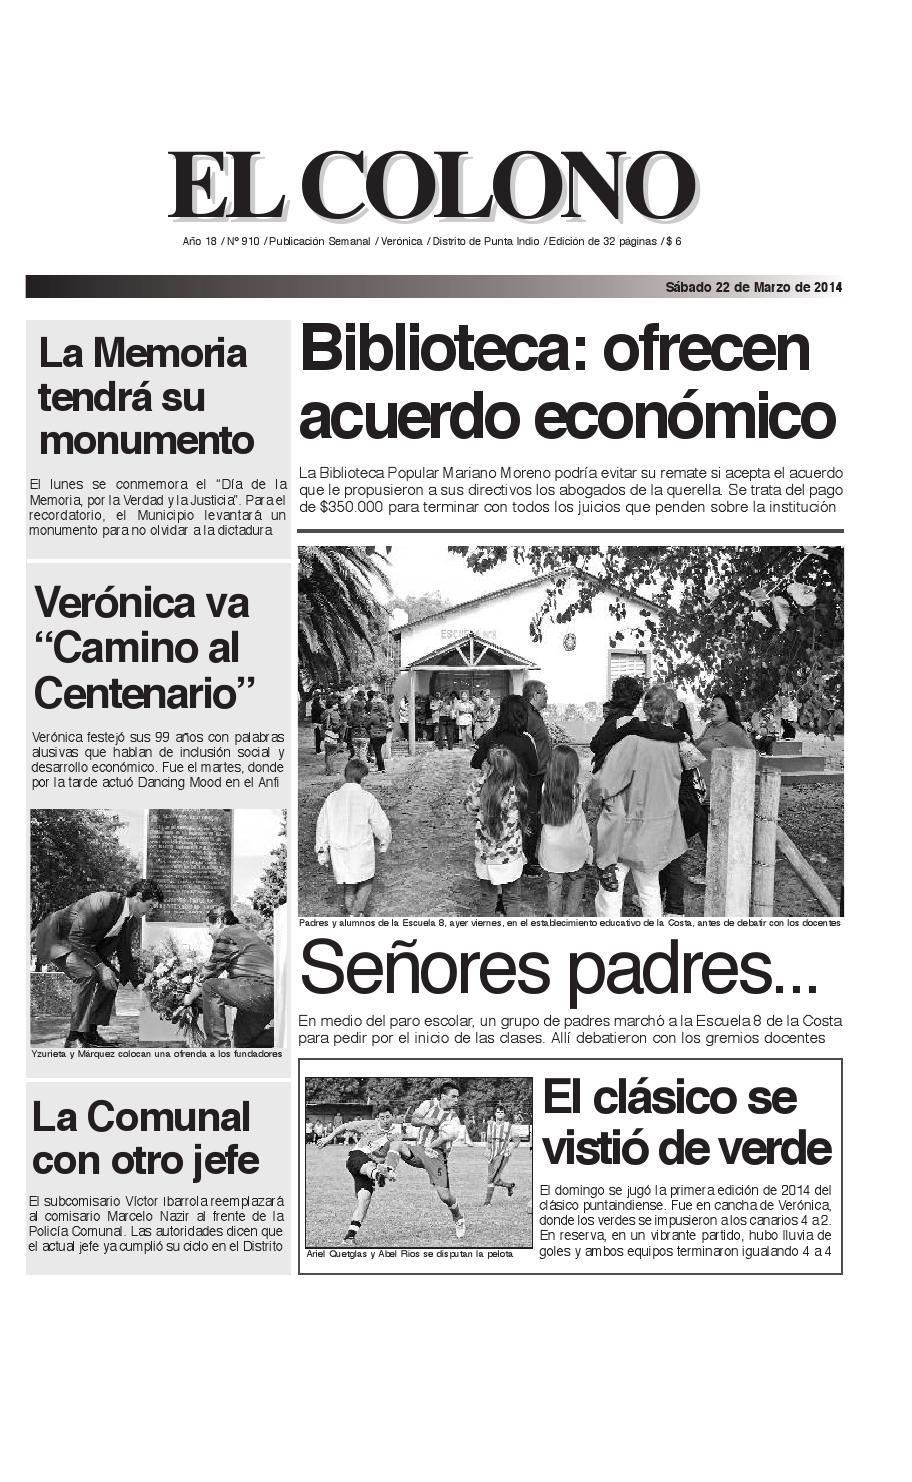 el-colono-22-03-14-de-24_el-colono-25-7-09-en-24 by El Colono de ...